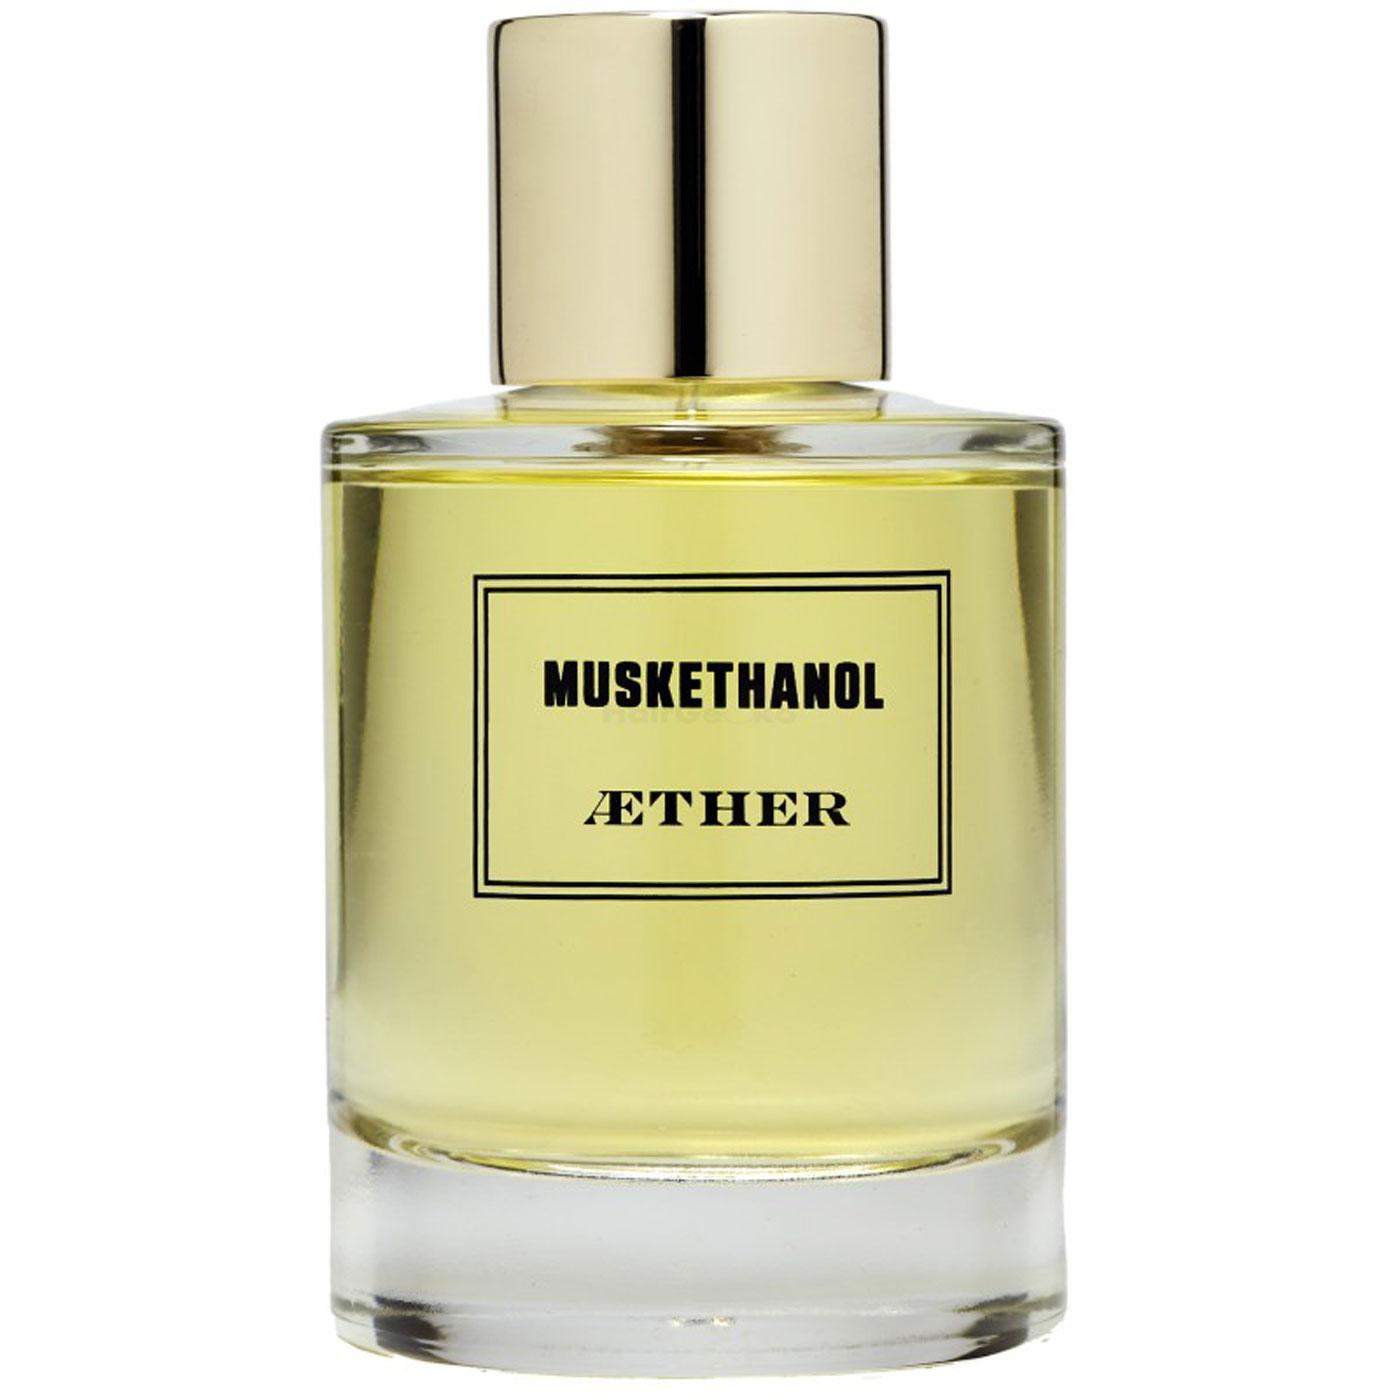 Aether Muskethanol Eau de Parfum 100ml